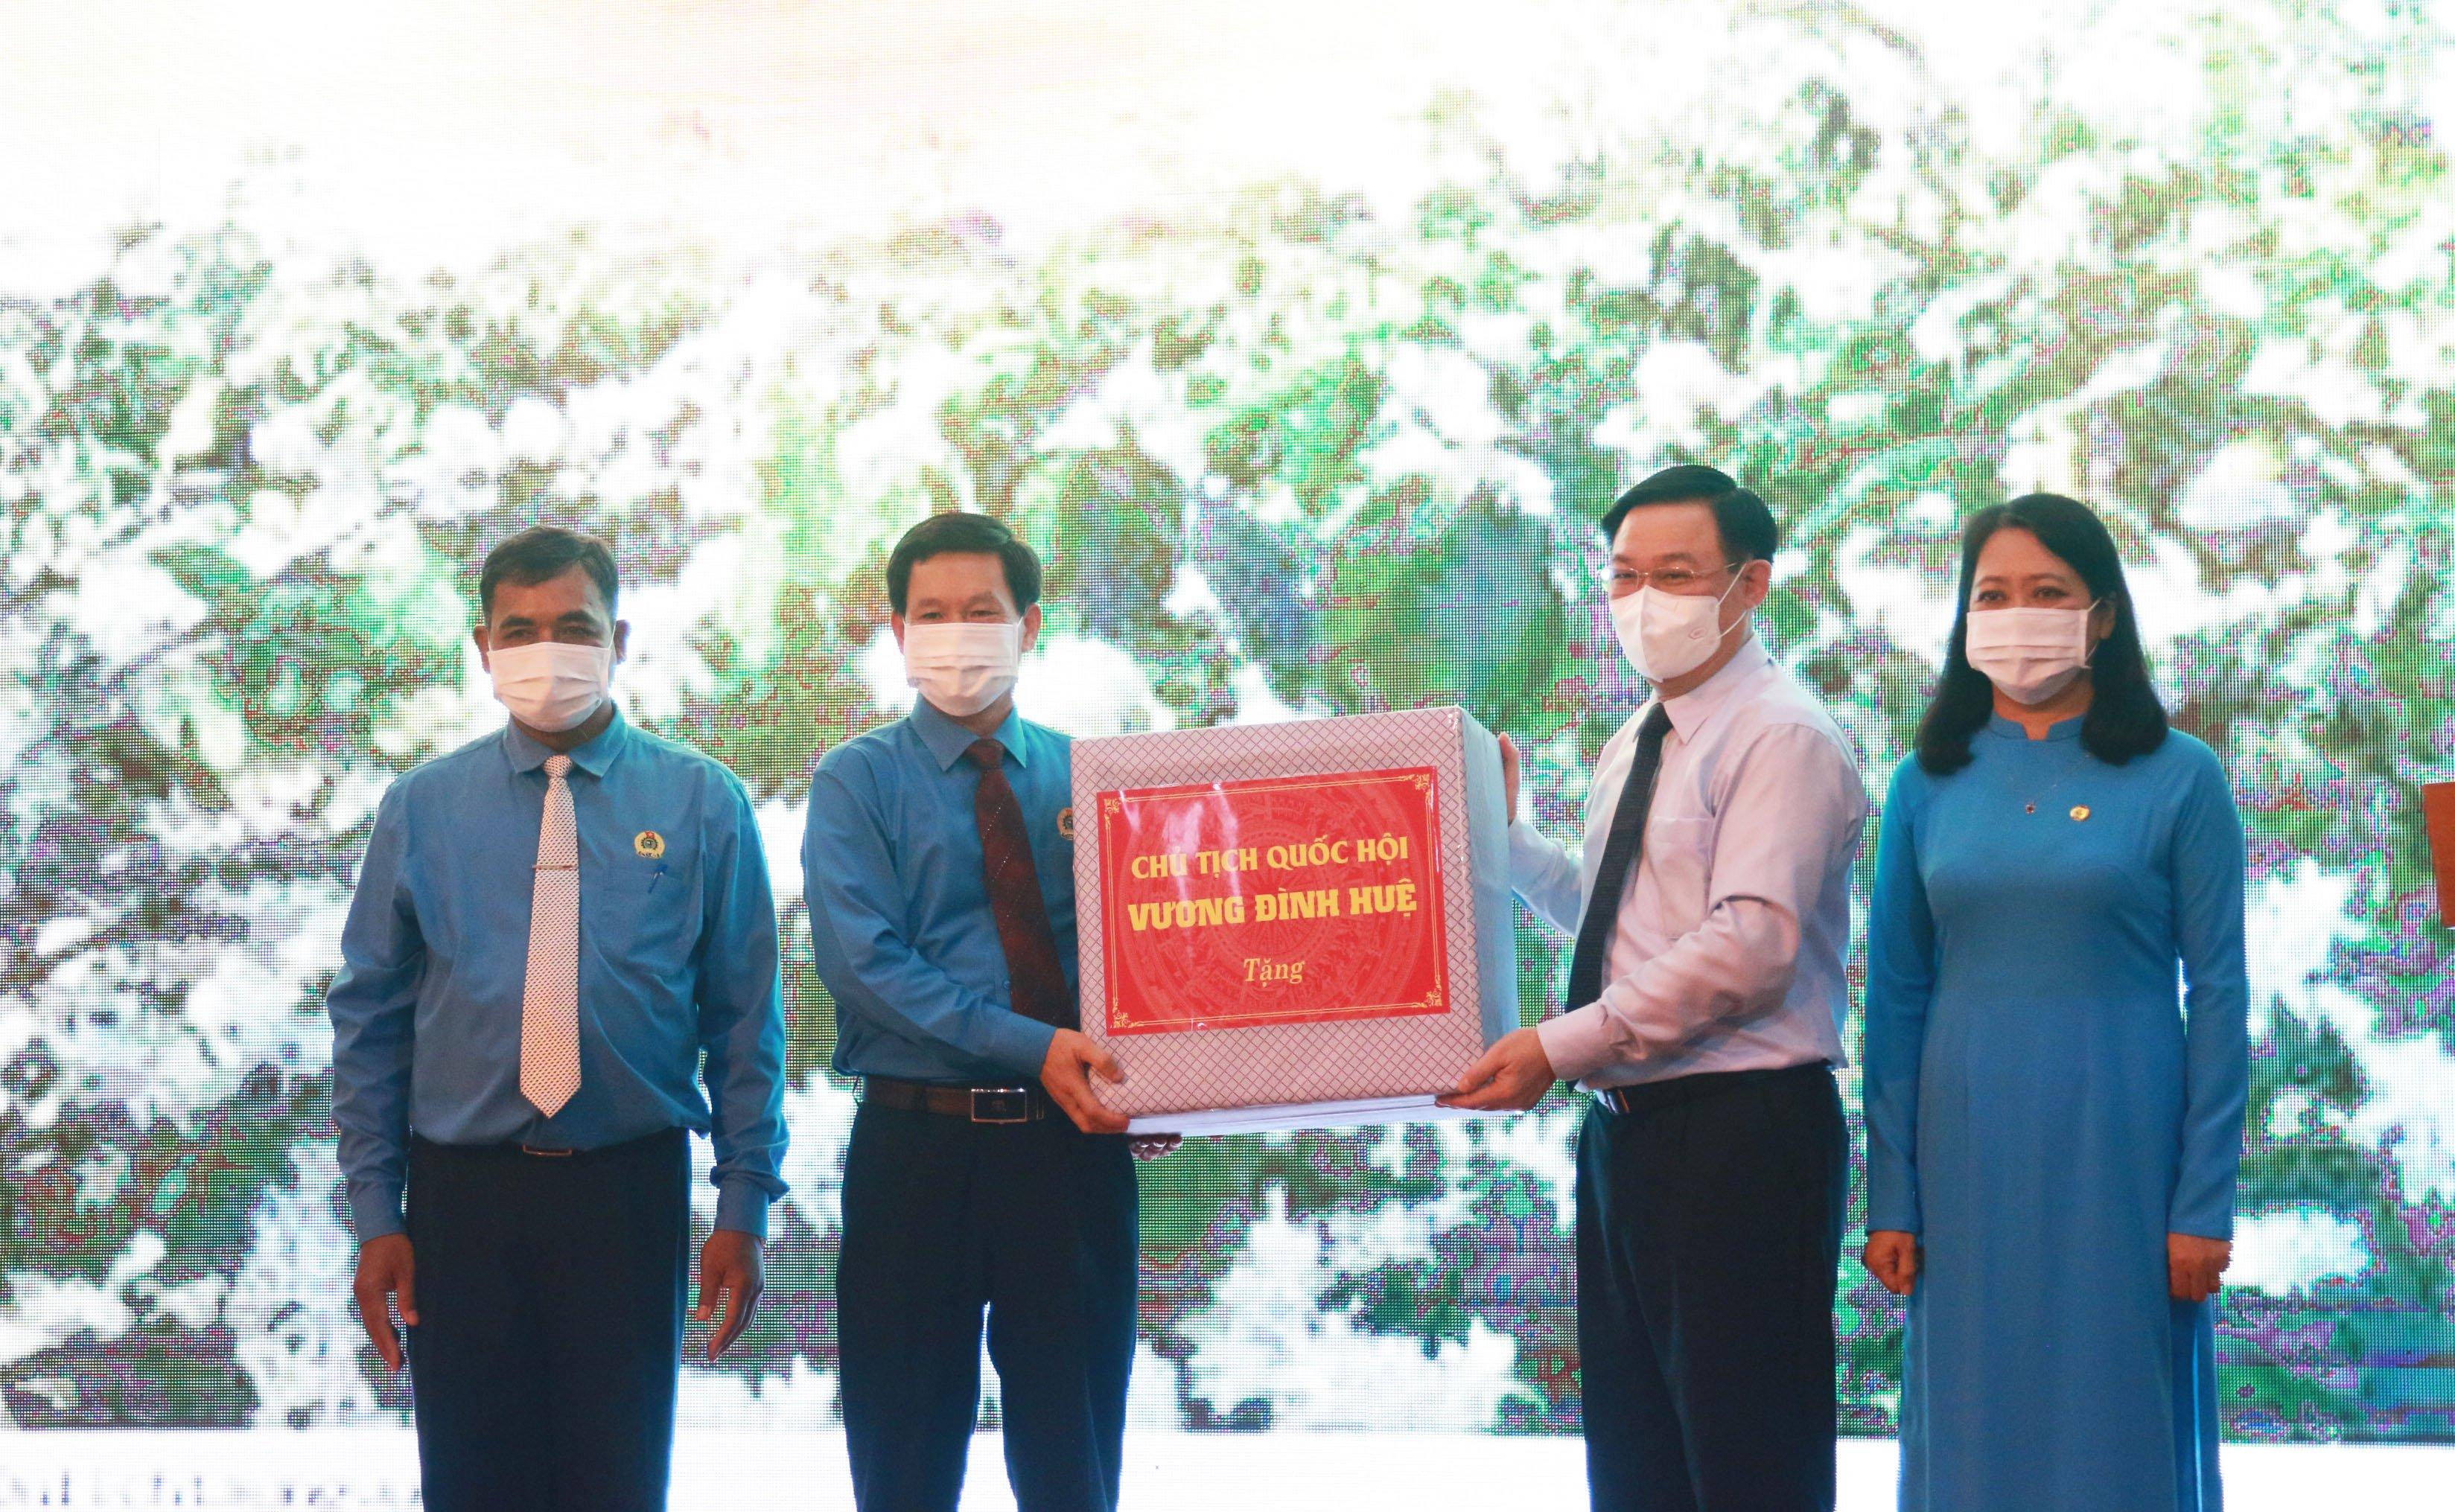 Chủ tịch Quốc hội Vương Đình Huệ thăm, tặng quà cho đoàn viên công đoàn Đắk Lắk gặp khó khăn